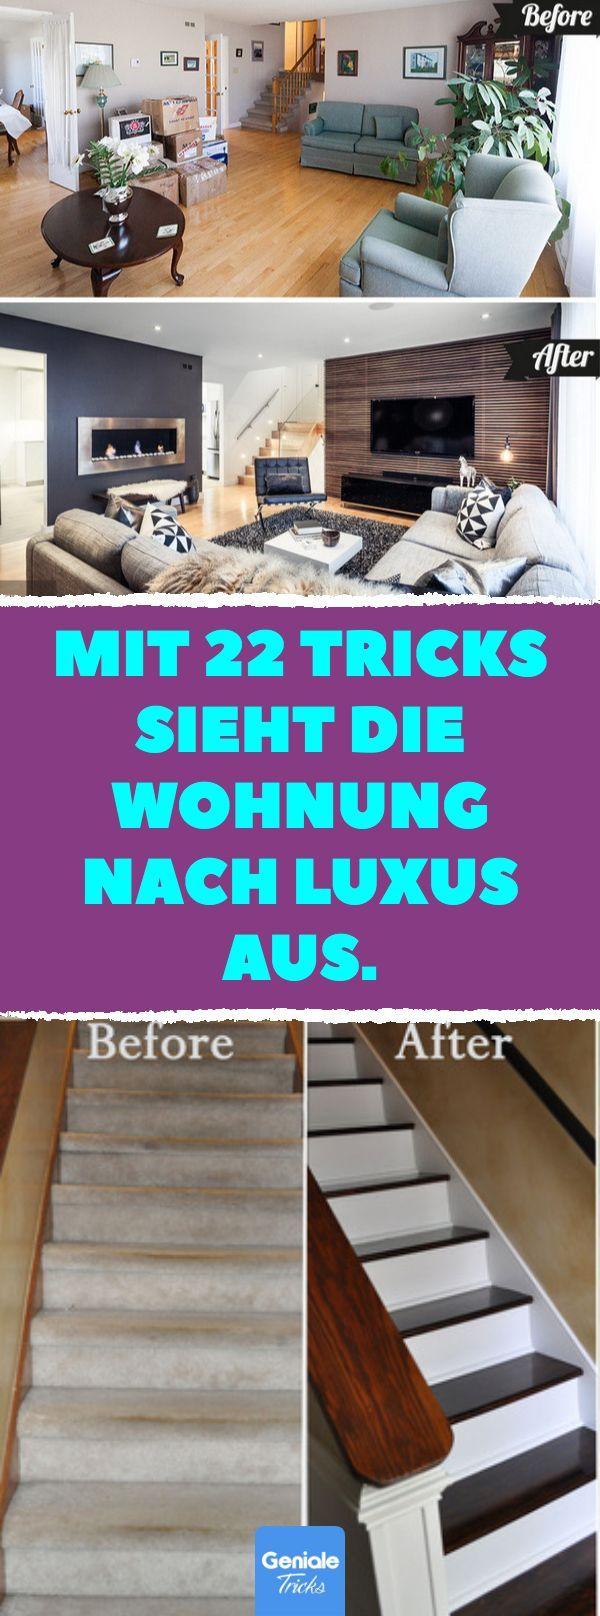 Mit 22 Tricks sieht die Wohnung nach Luxus aus. – …